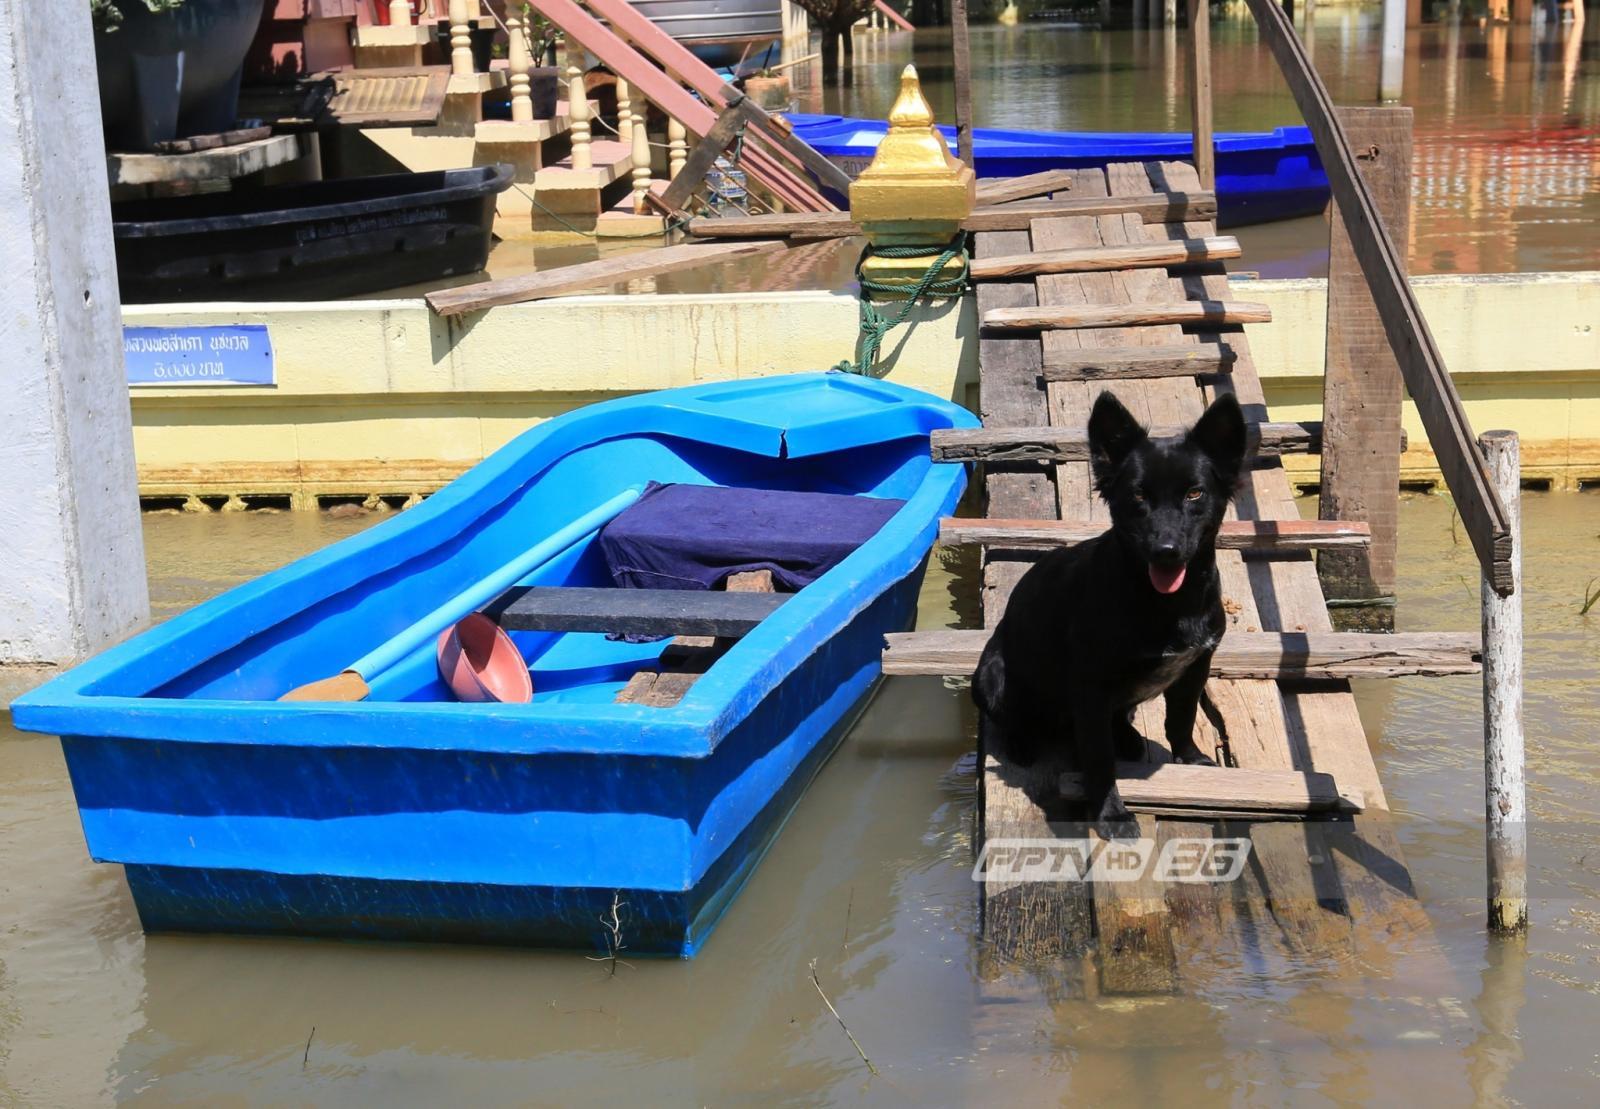 สุนัข-แมว จ.อยุธยา ผจญน้ำท่วม ขาดแคลนอาหาร